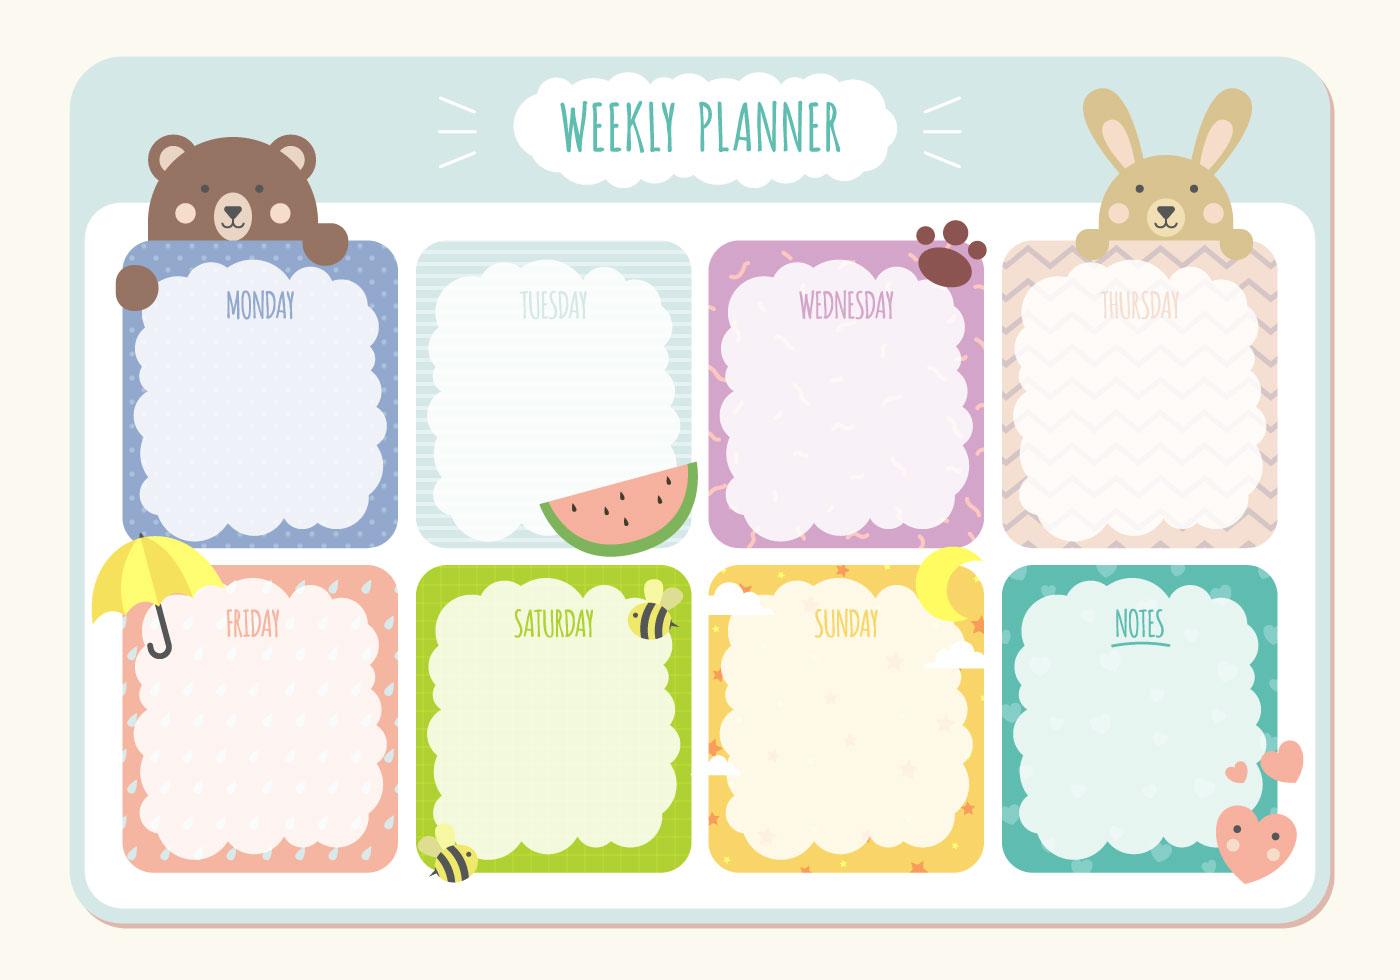 Printable Weekly Planner Calendar Template